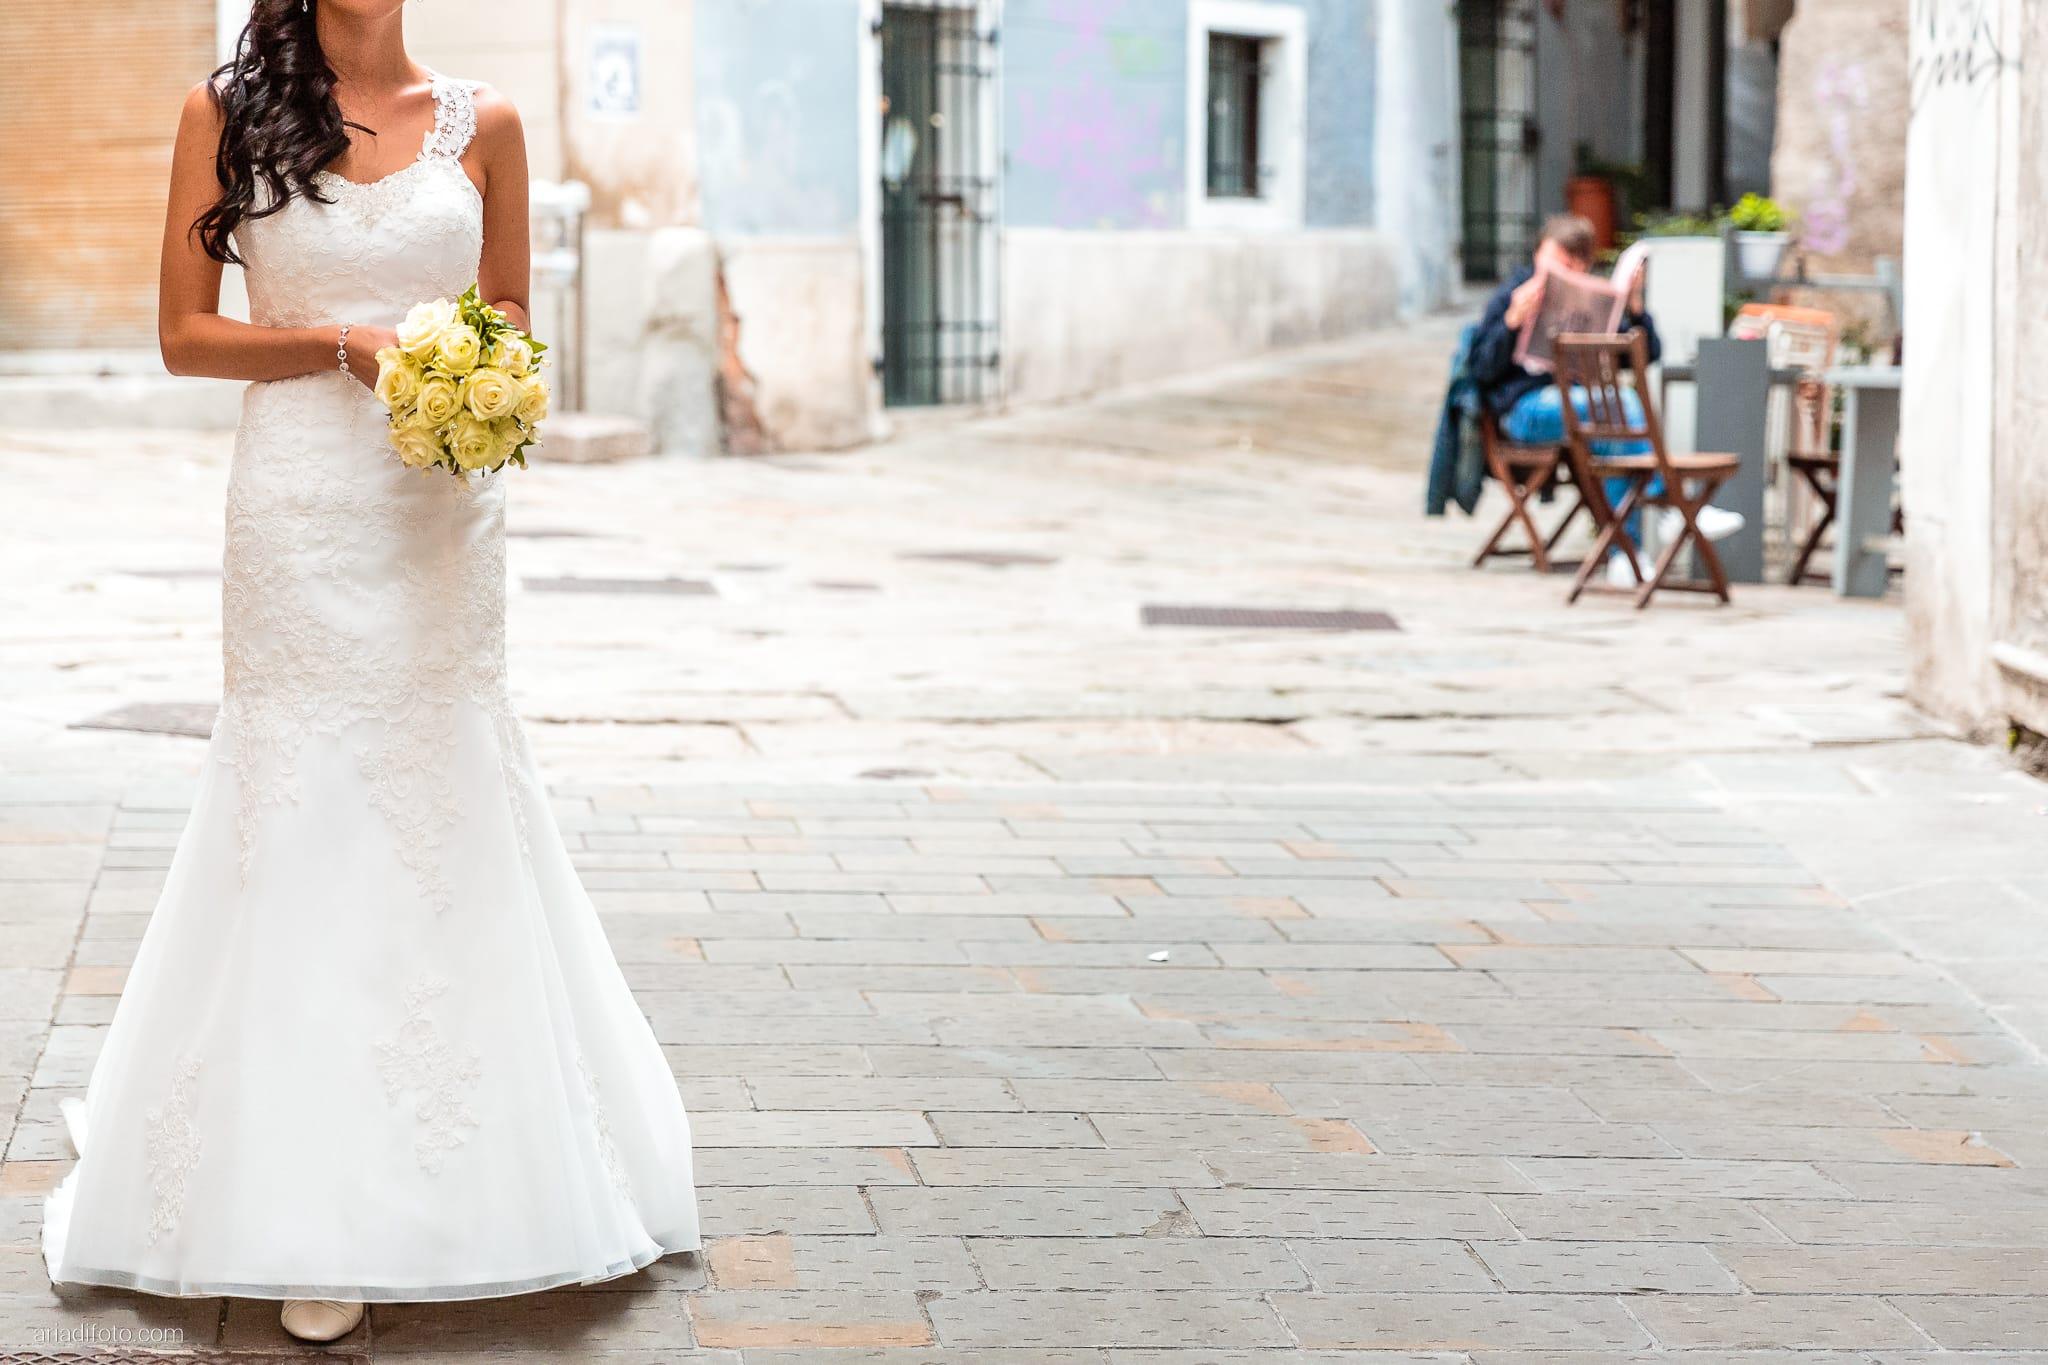 Magdalena Massimo Matrimonio Ristorante Le Terrazze Riviera Trieste ritratti sposi Cavana dettagli bouquet rose abito